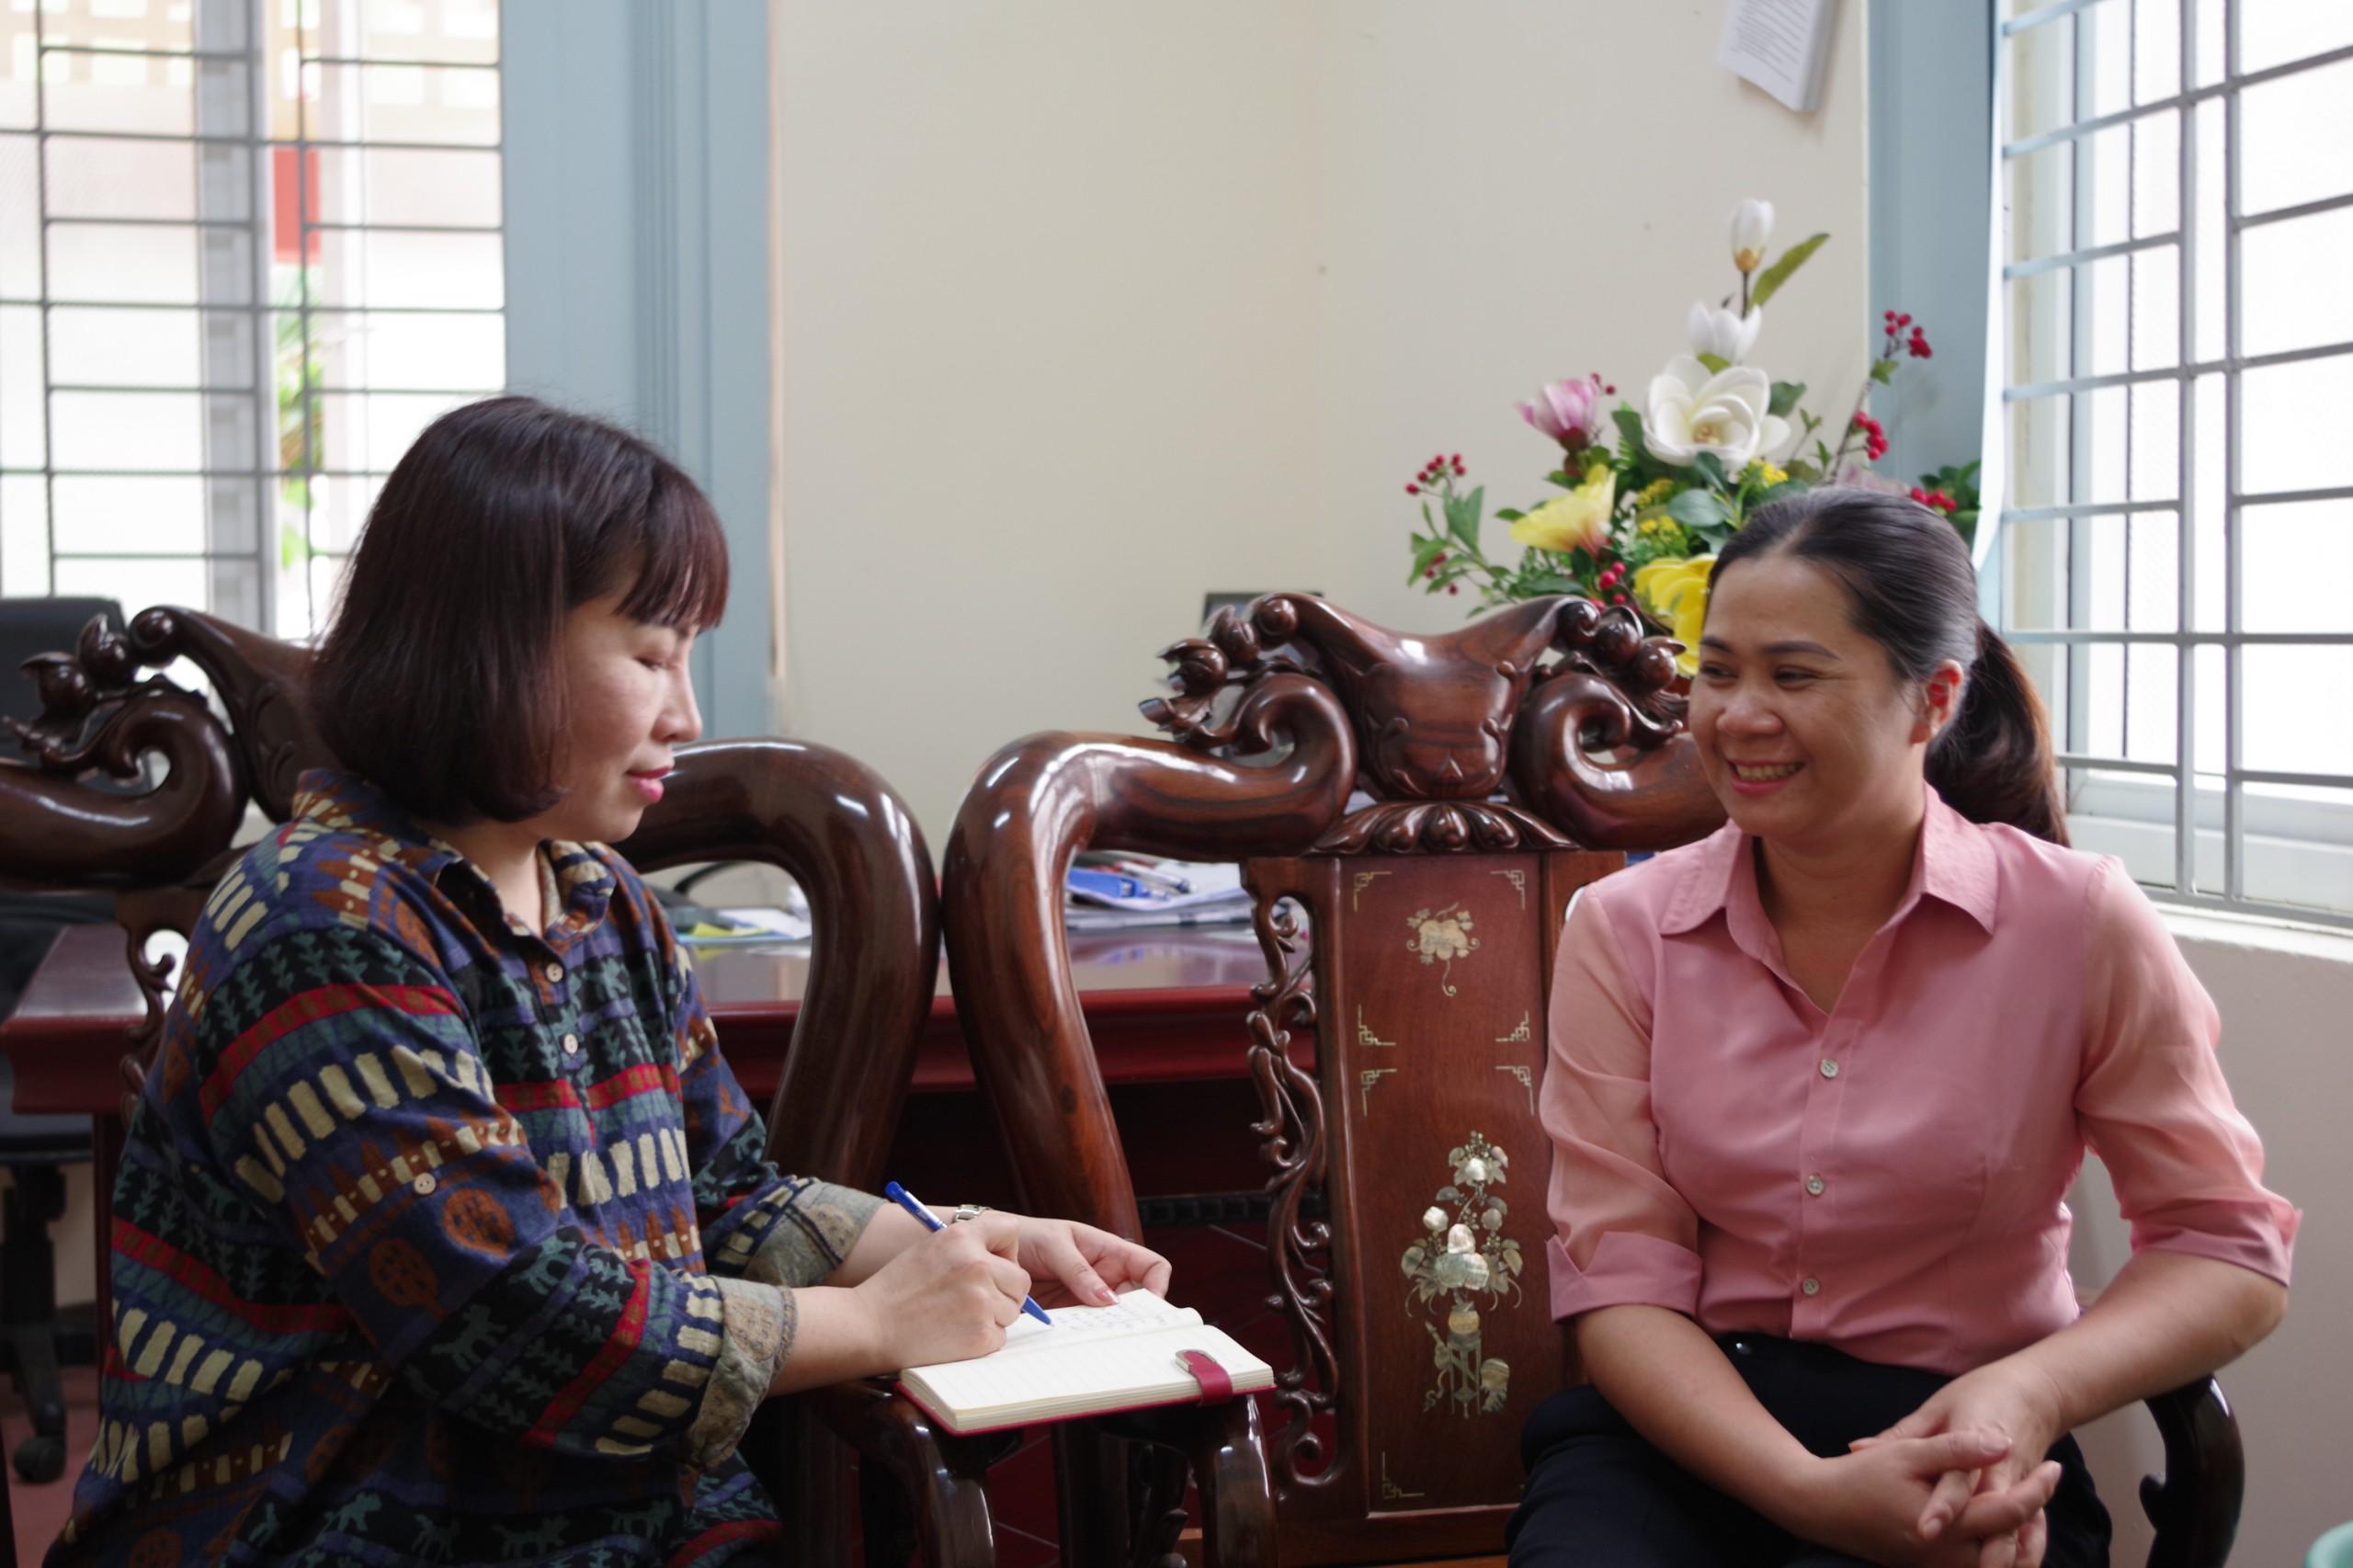 Bà Cầm Thị Phượng, Chủ tịch Uỷ ban MTTQ huyện Thường Xuân (bên phải) chia sẻ với phóng viên về vai trò của Người có uy tín trong công tác tuyên truyền và tiến độ chuẩn bị bầu cử của địa phương